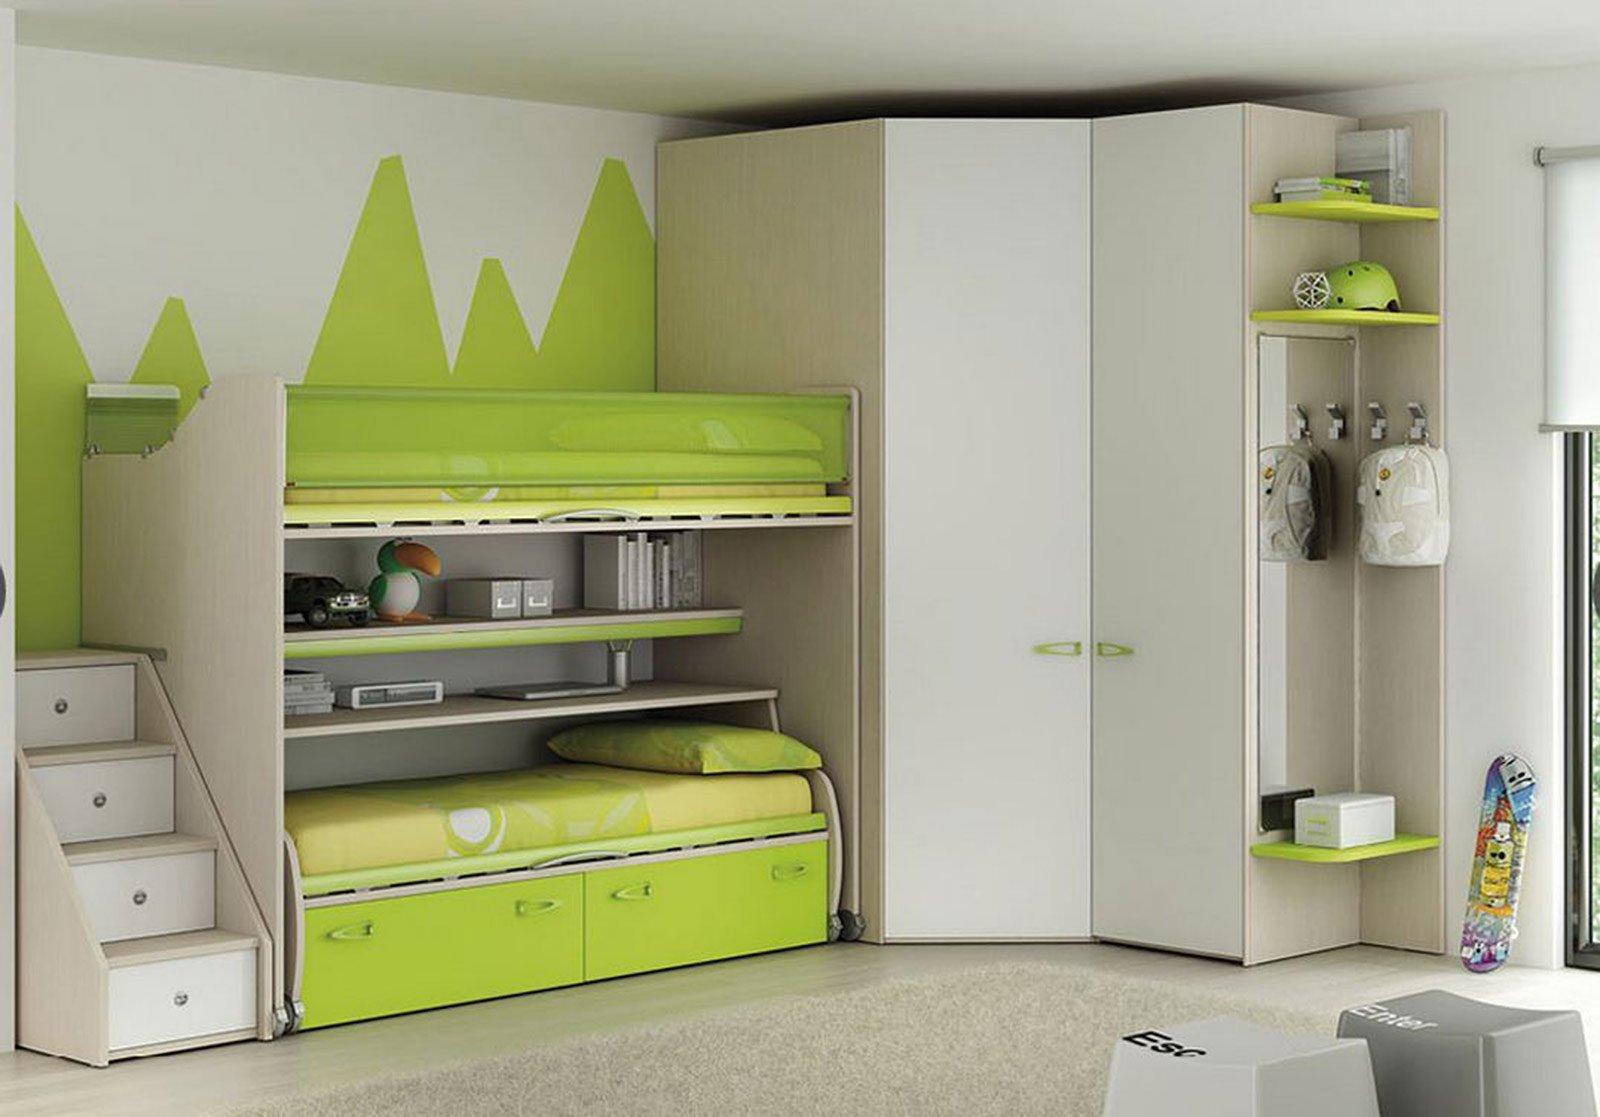 Camerette salvaspazio cose di casa for Camerette mondo convenienza misure